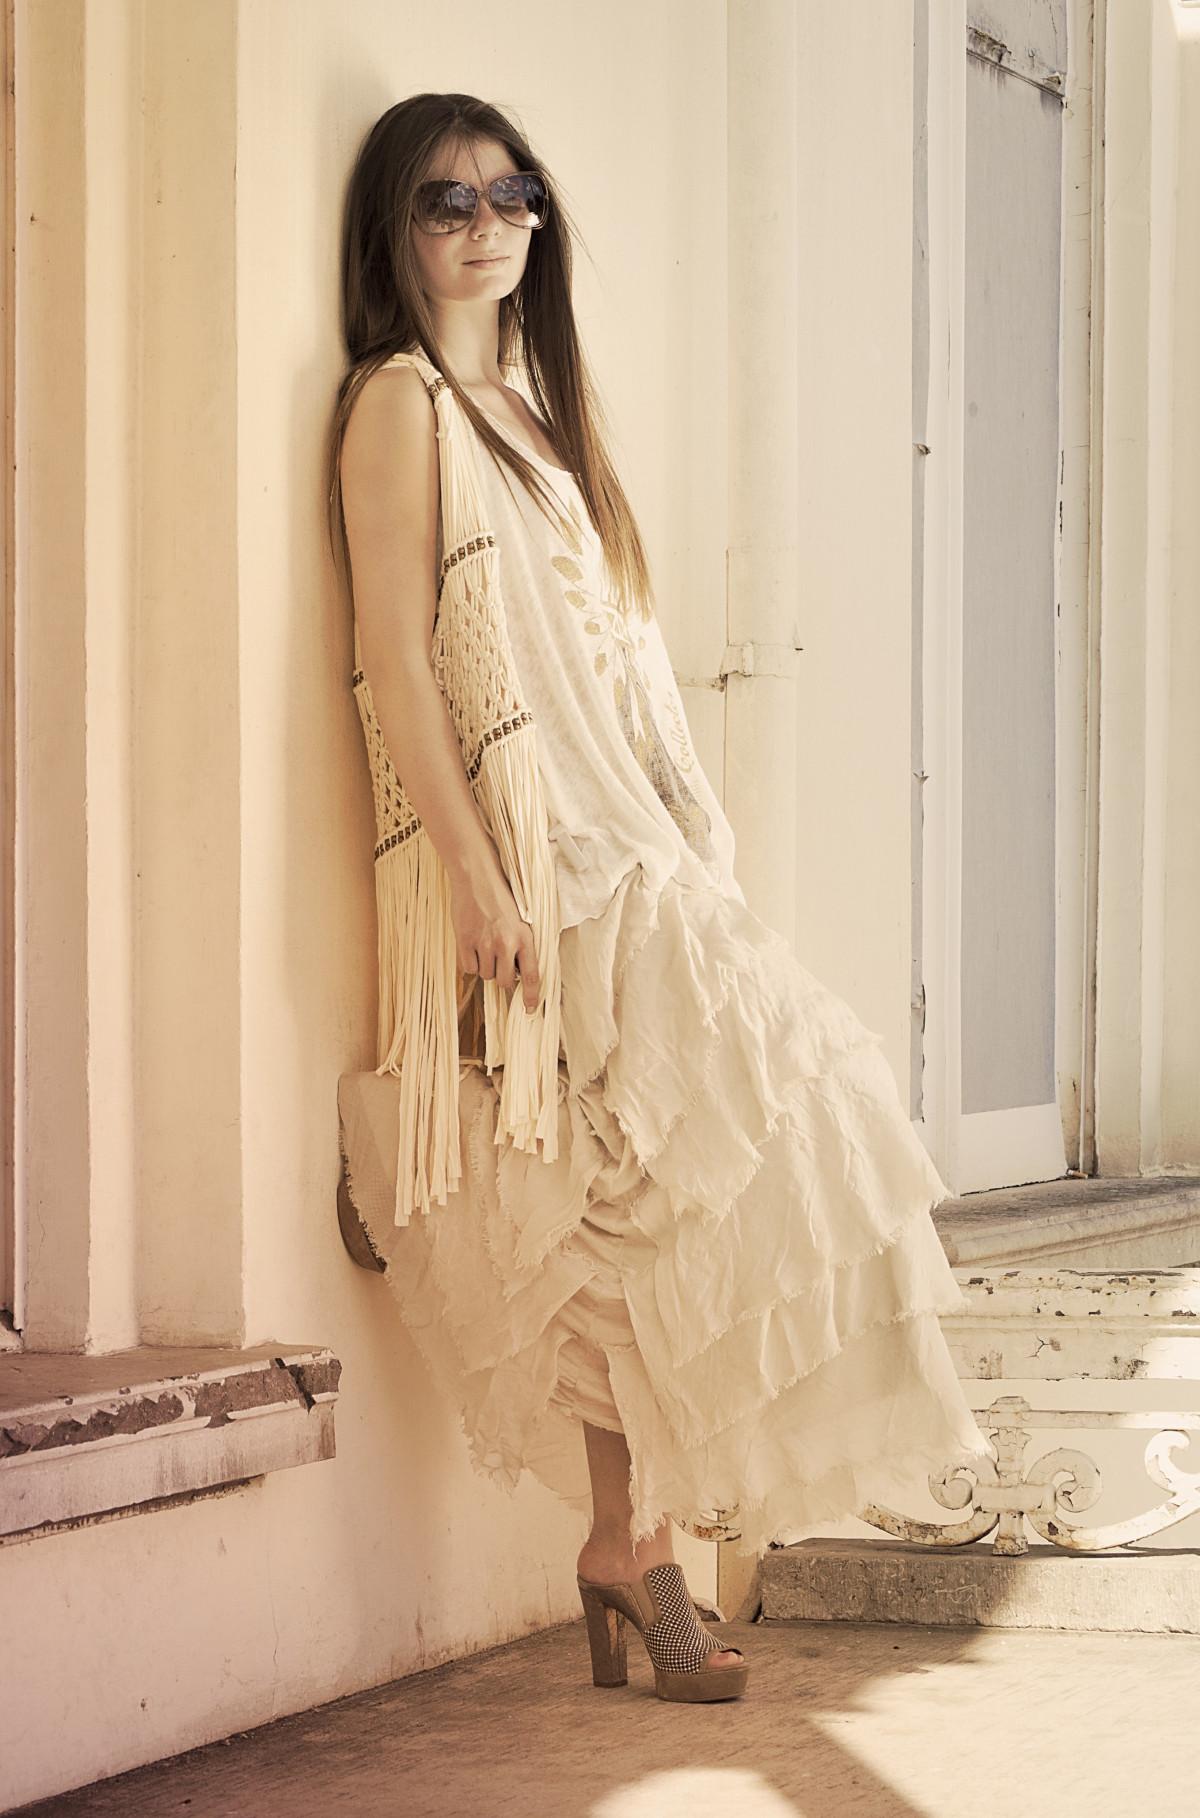 Poze Oameni Fată Femeie Alb Vară Brunetă Model Arc Modă